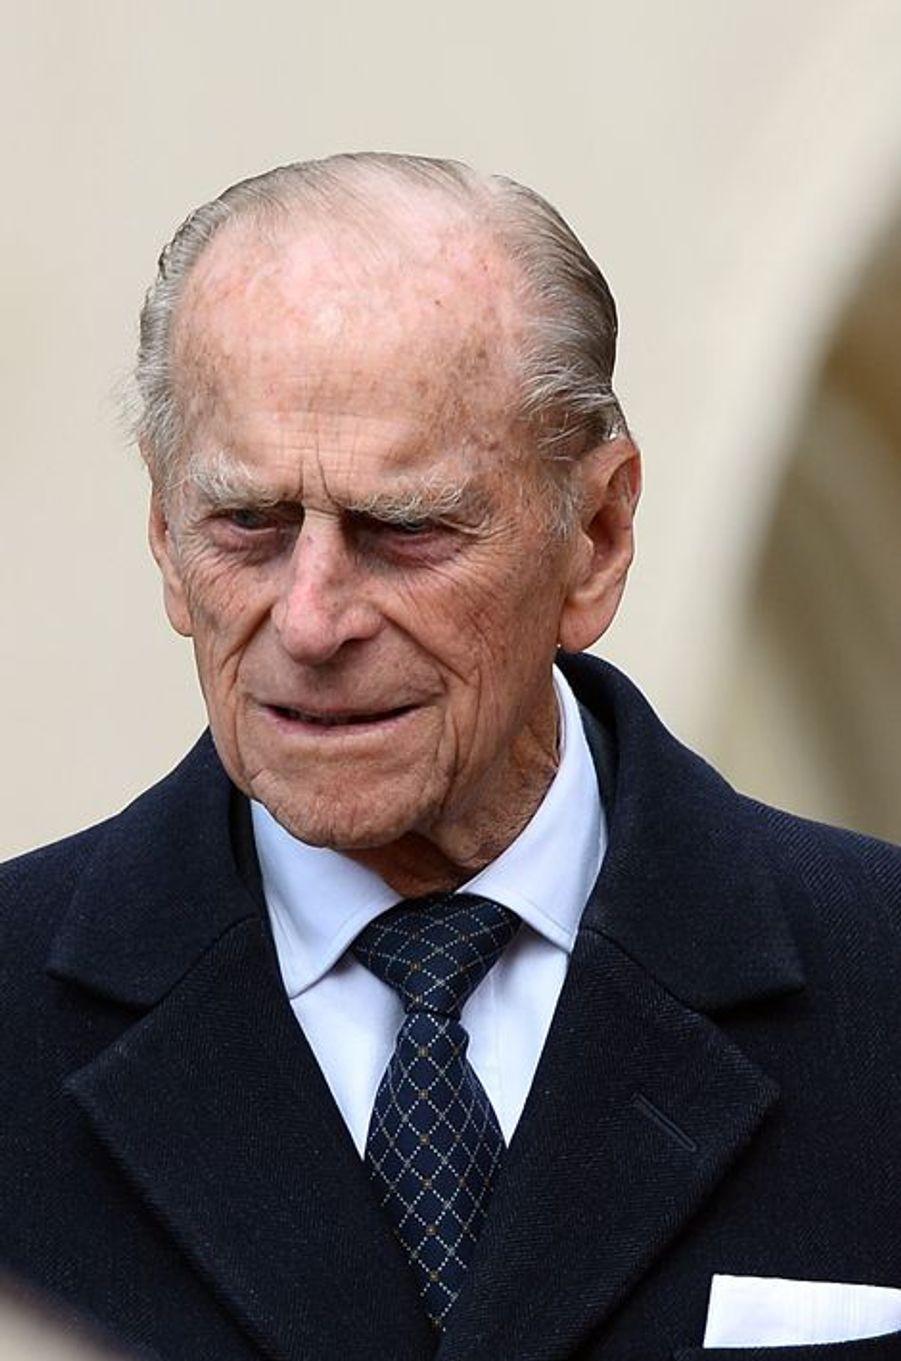 Le duc d'Edimbourg à Windsor, le 5 avril 2015